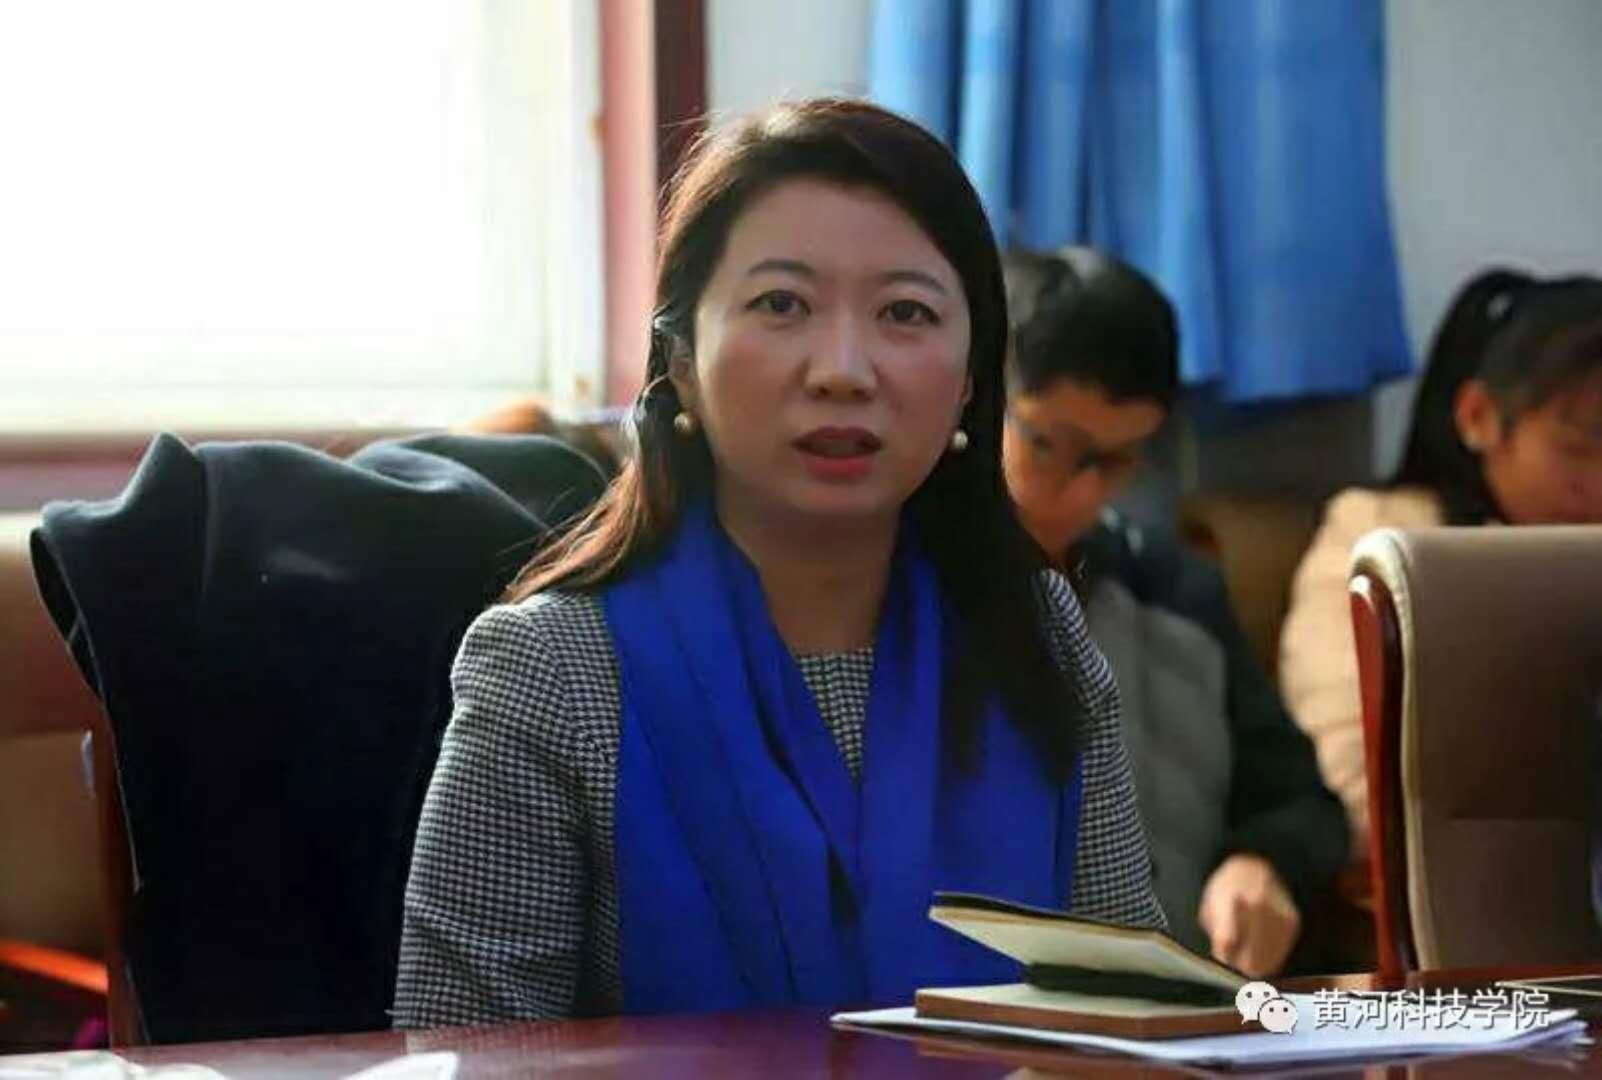 黄河科技学院校长杨雪梅再次当选全国人大代表